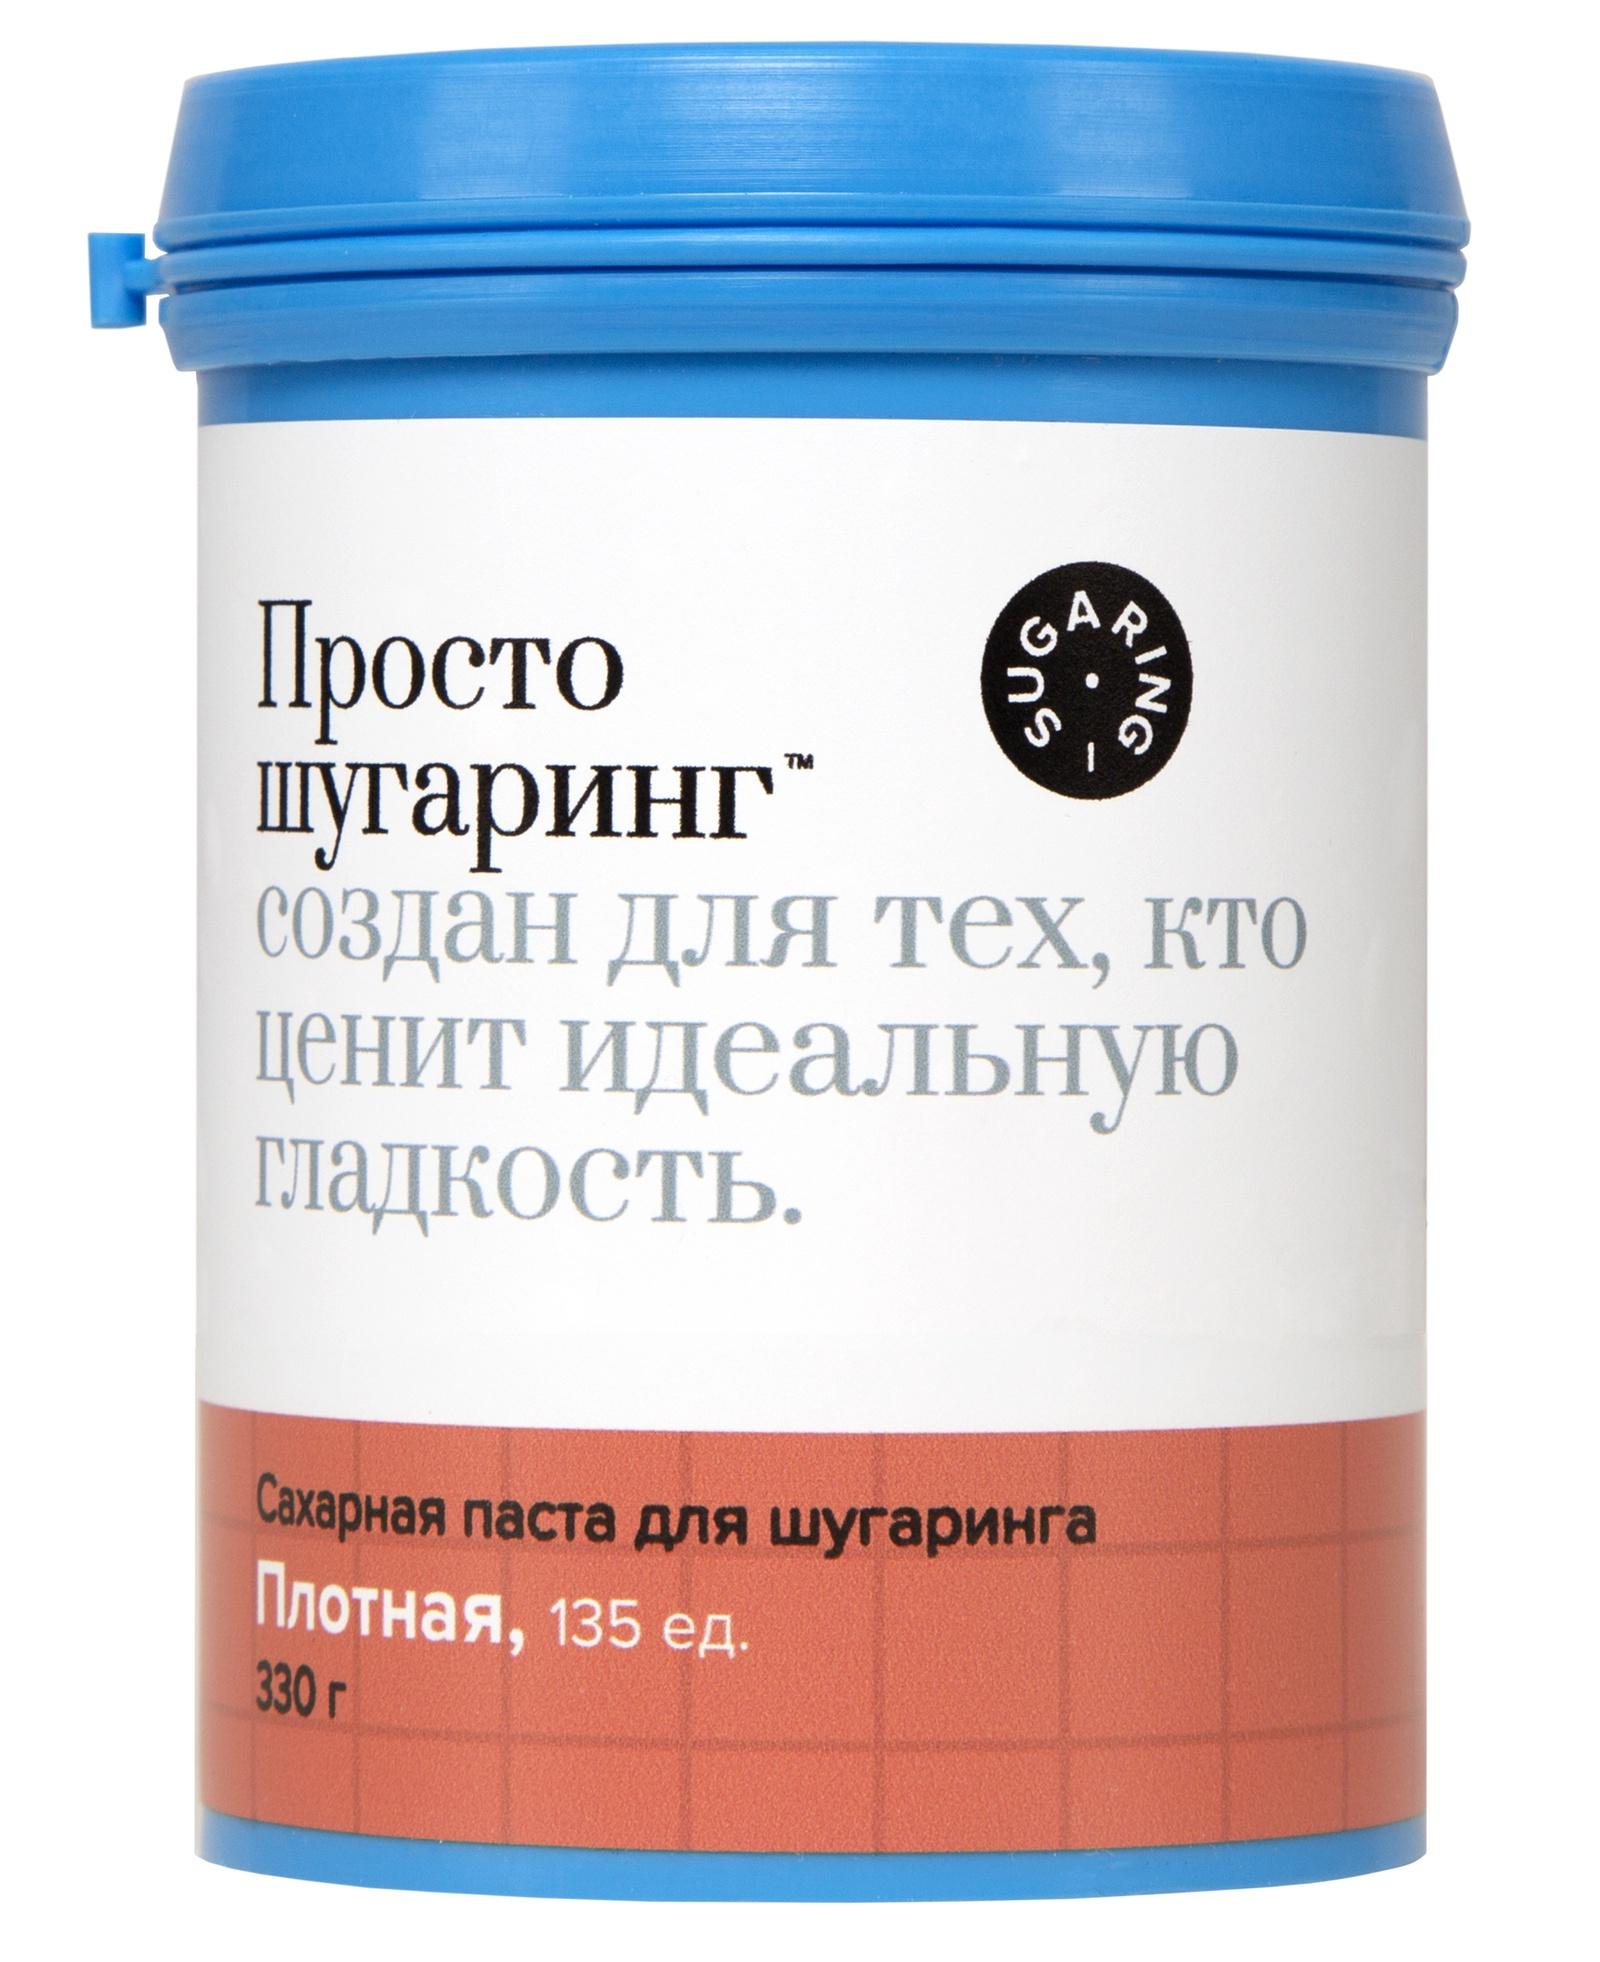 Сахарная паста для депиляции плотная Просто шугаринг, Gloria, 0,33 кг